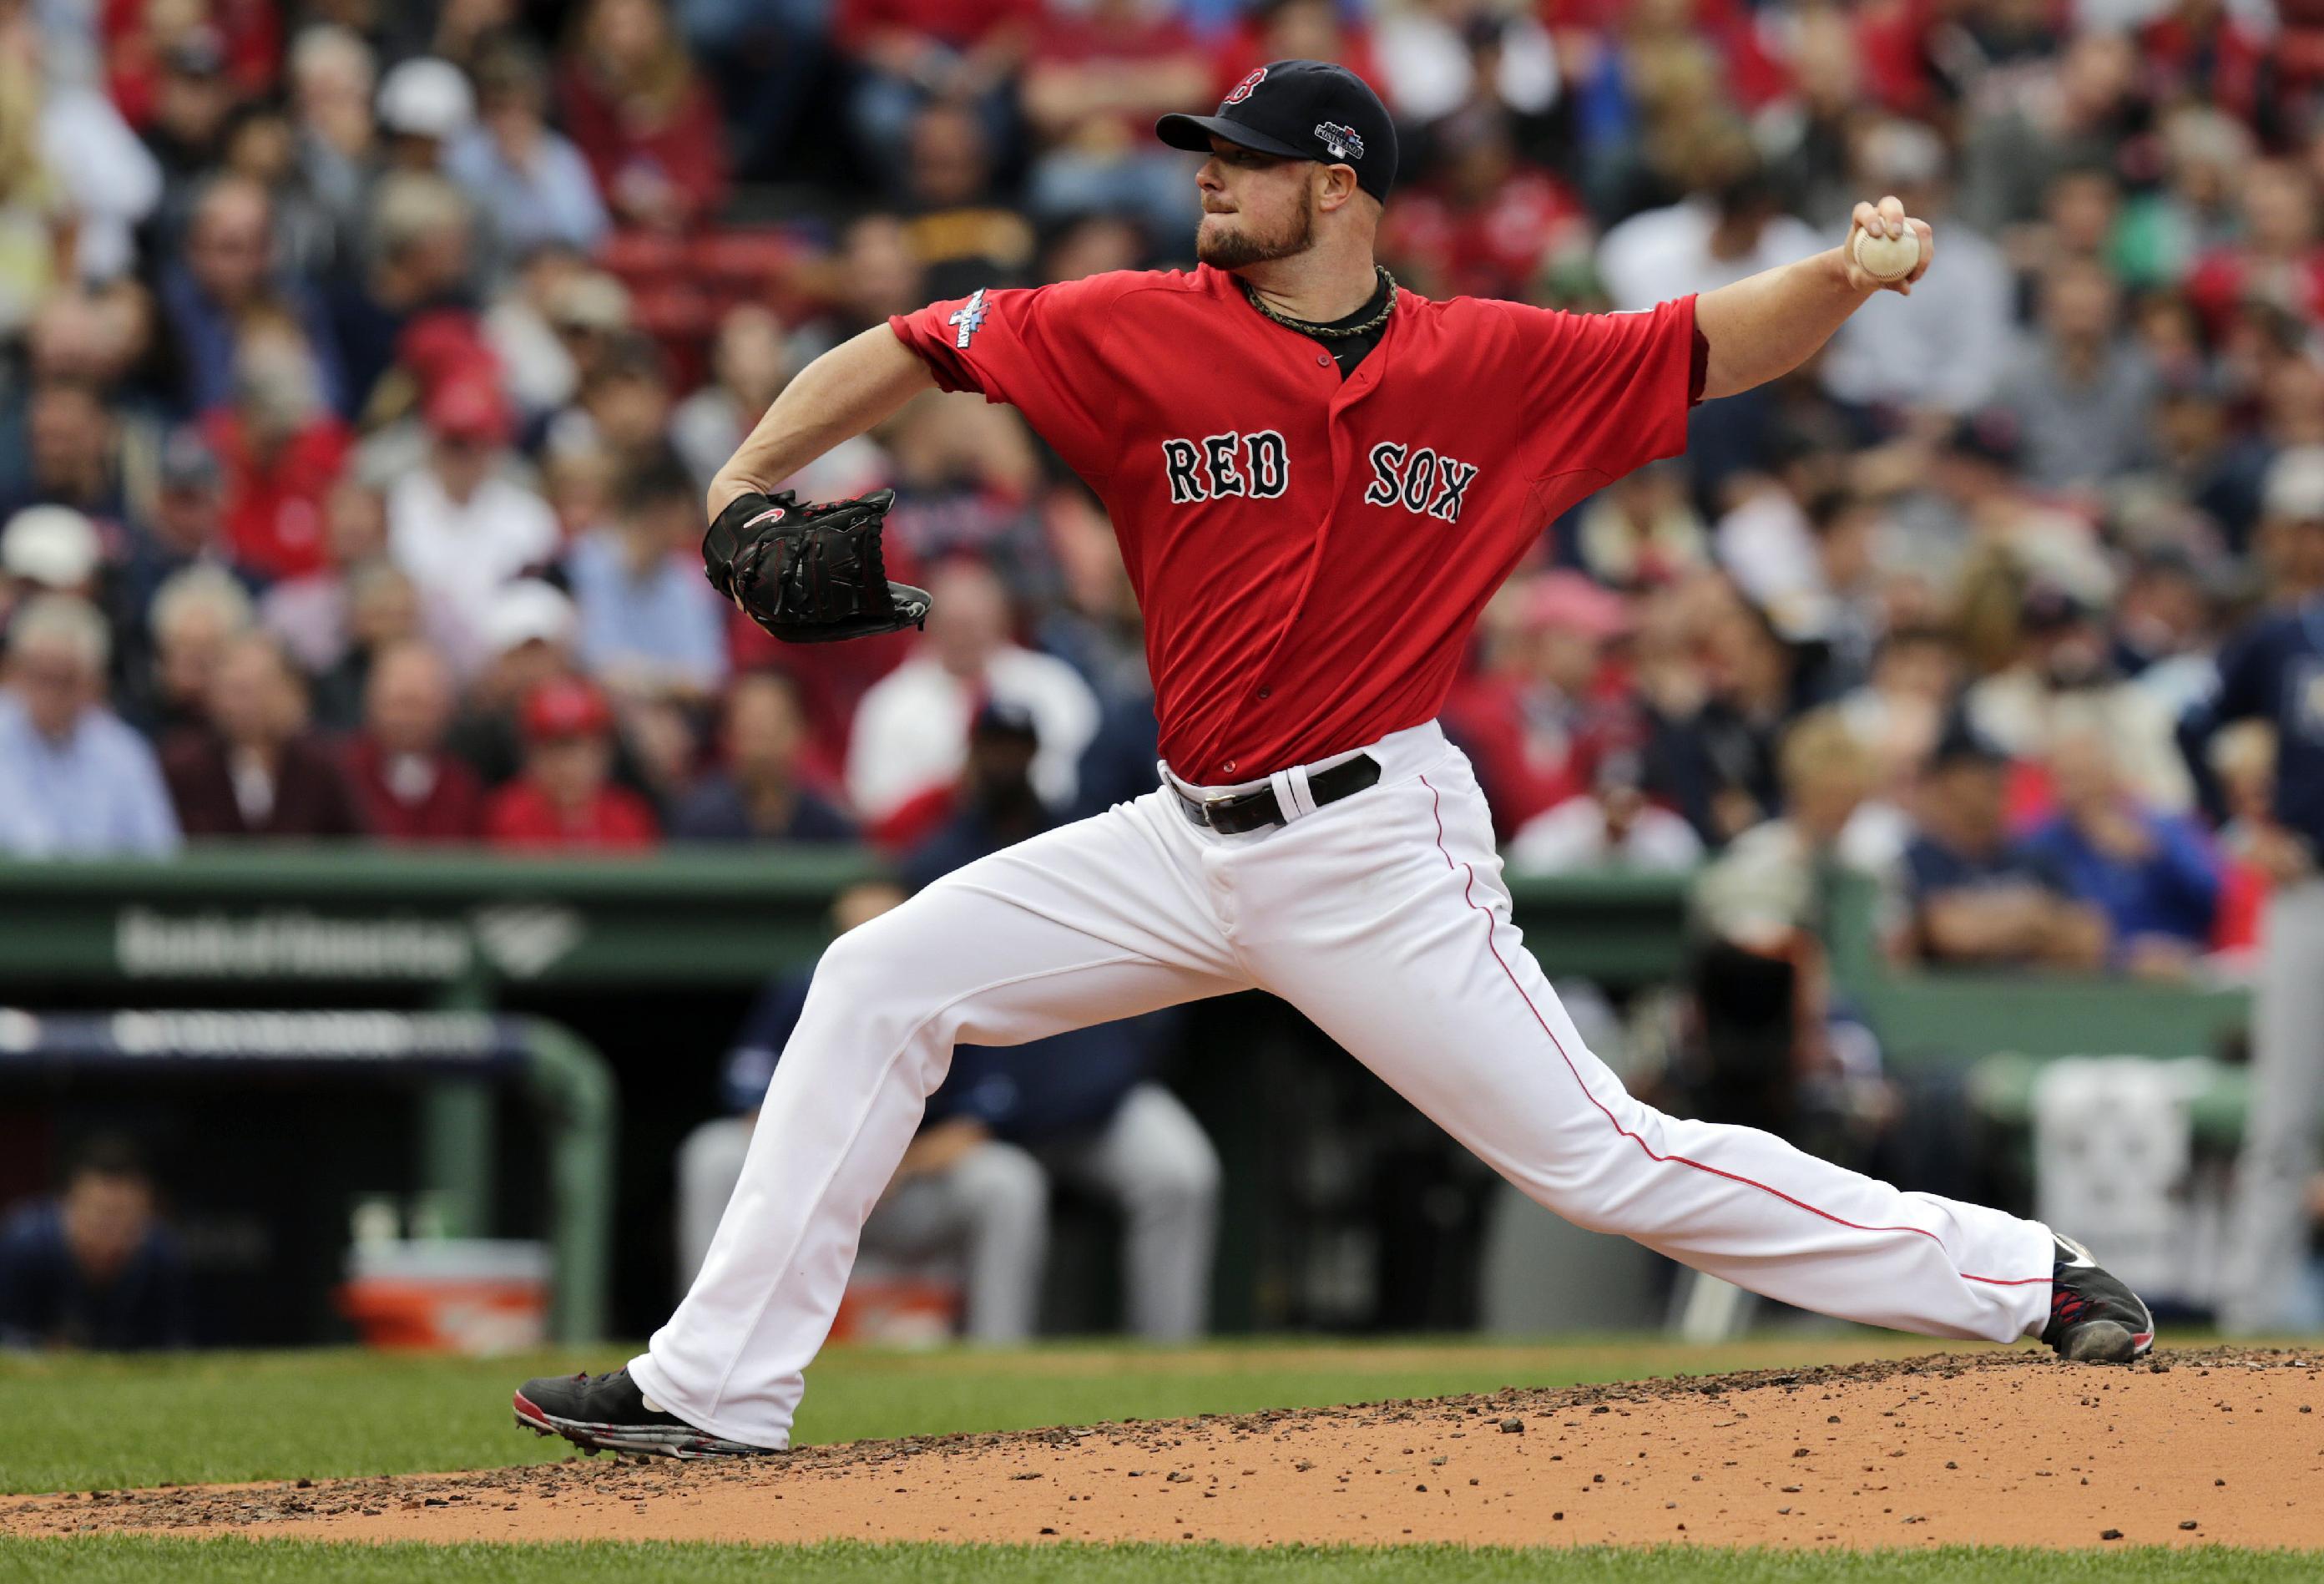 Red Sox Screen Wallpaper - WallpaperSafari